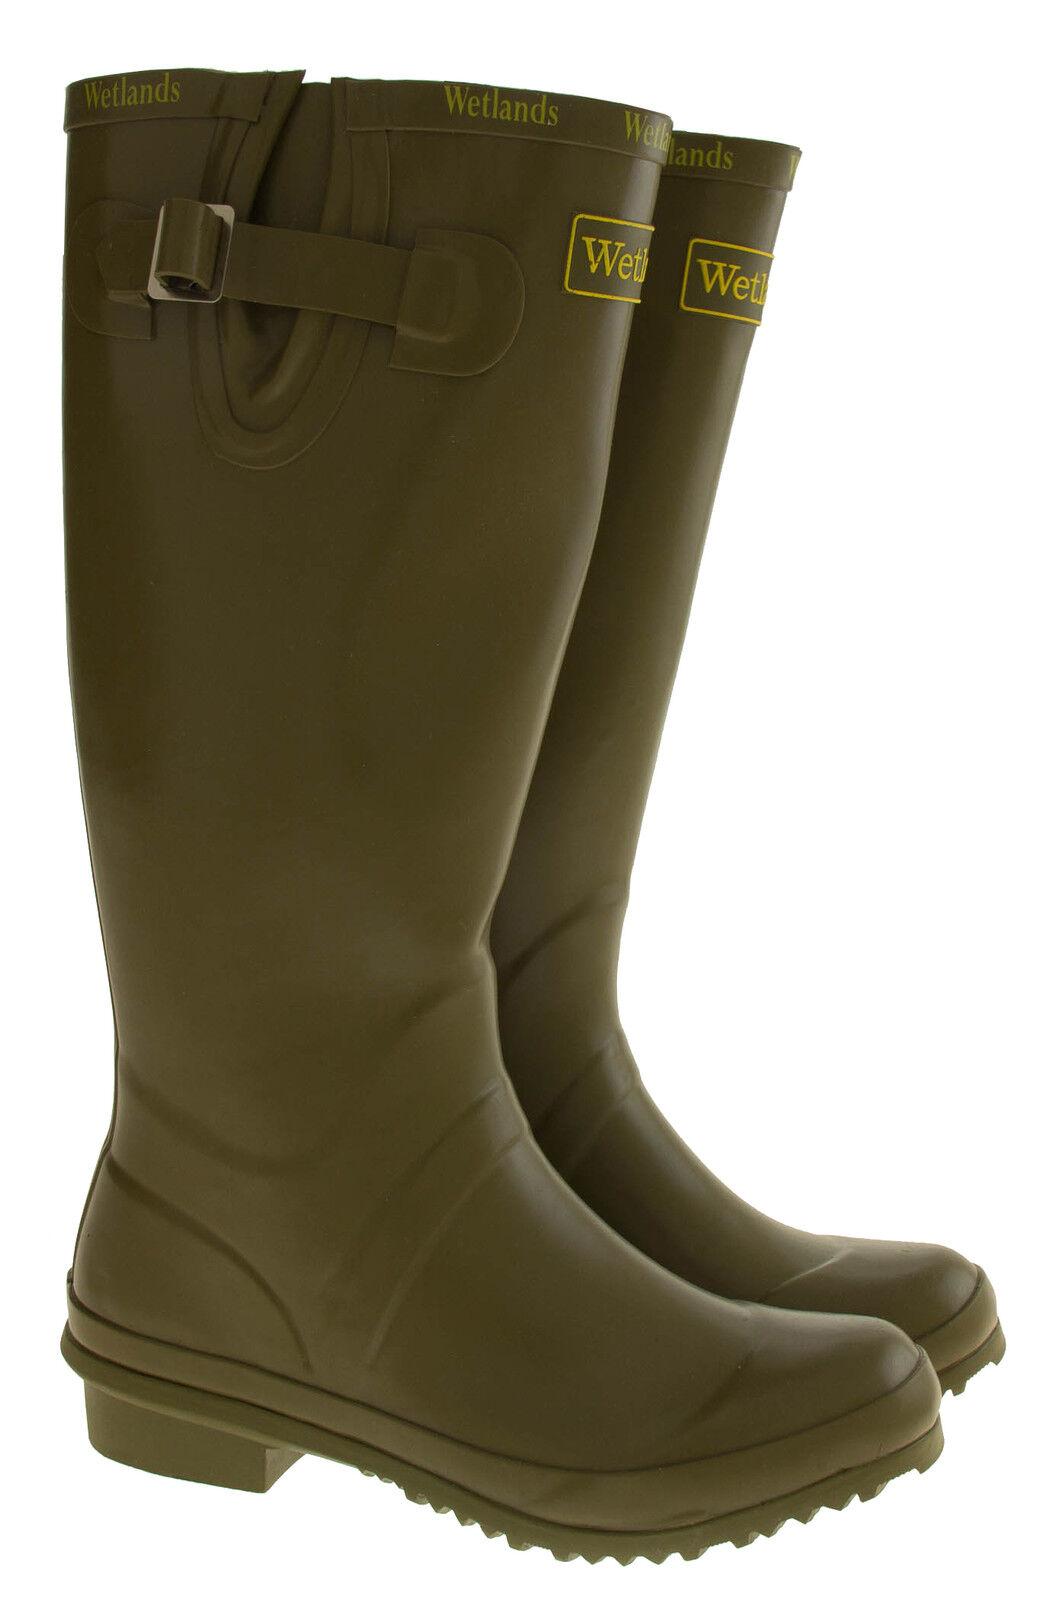 New Womens Green WETLANDS Festival Wellies Garden Wellington Boots Sz 4 5 6 7 8